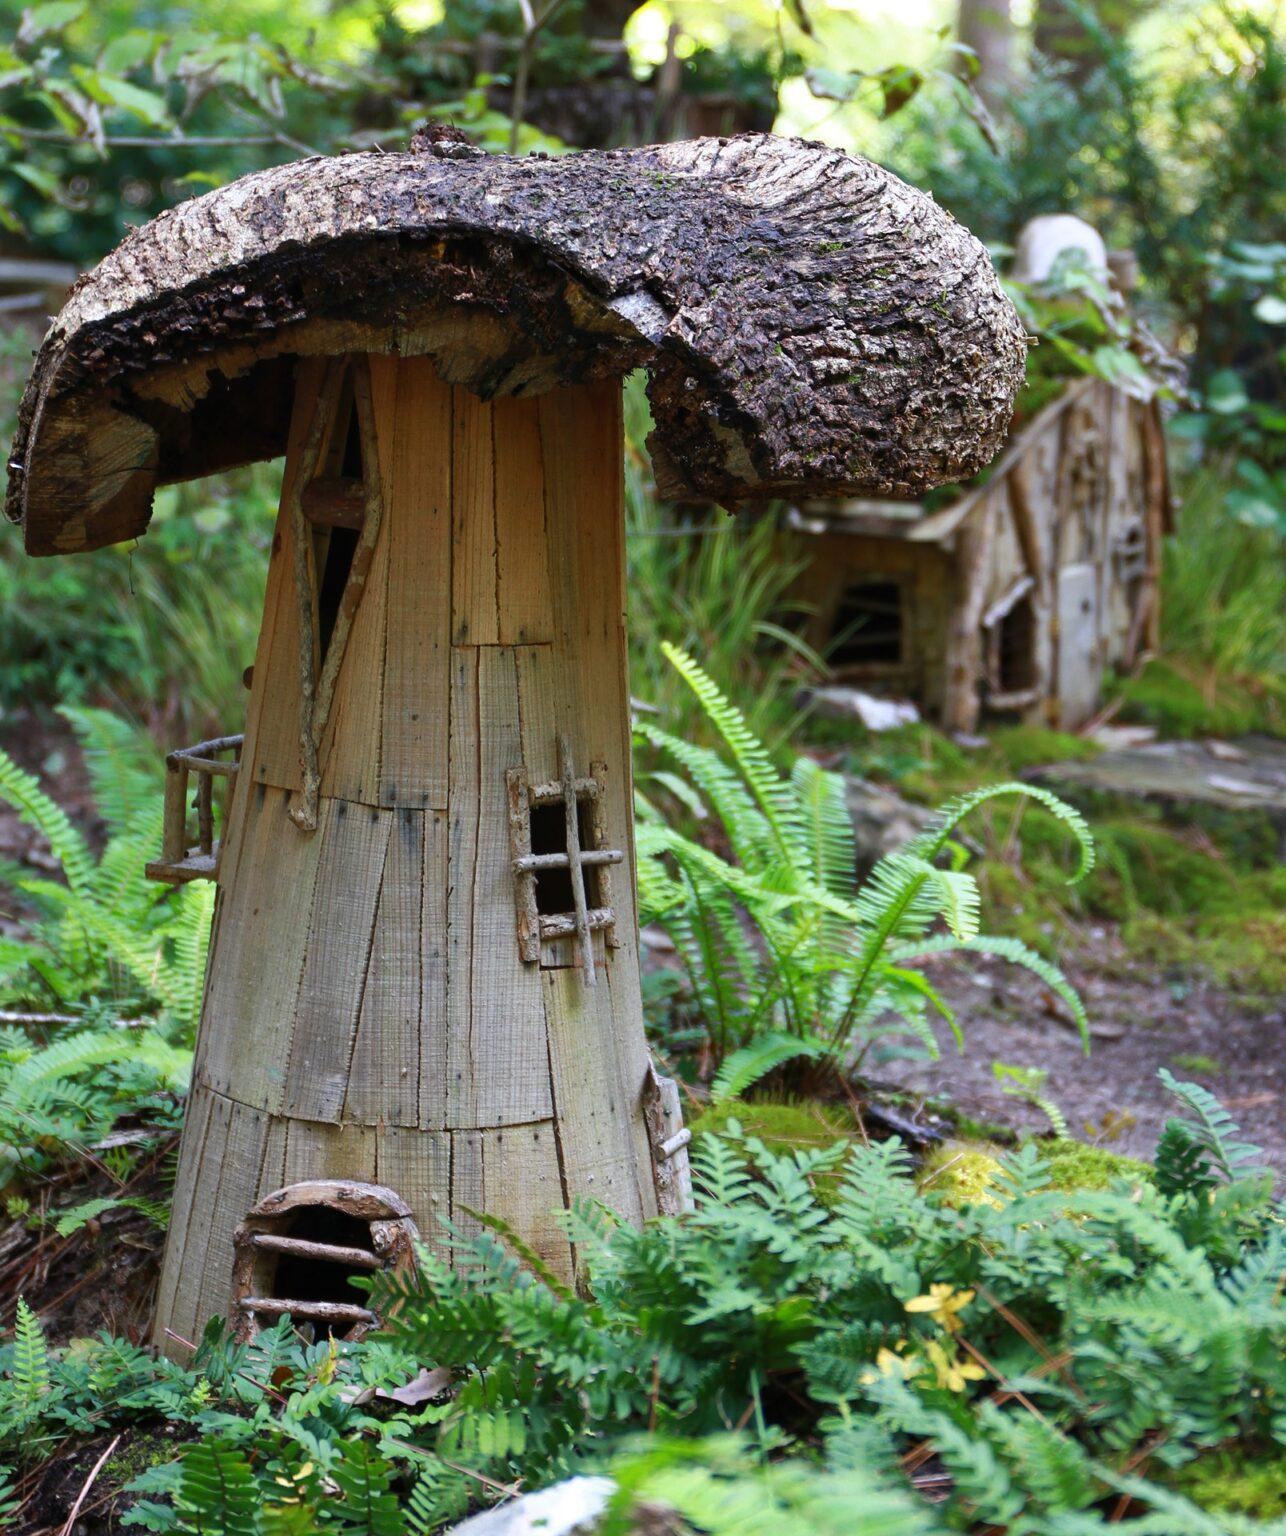 fairy-house-1587367_1920